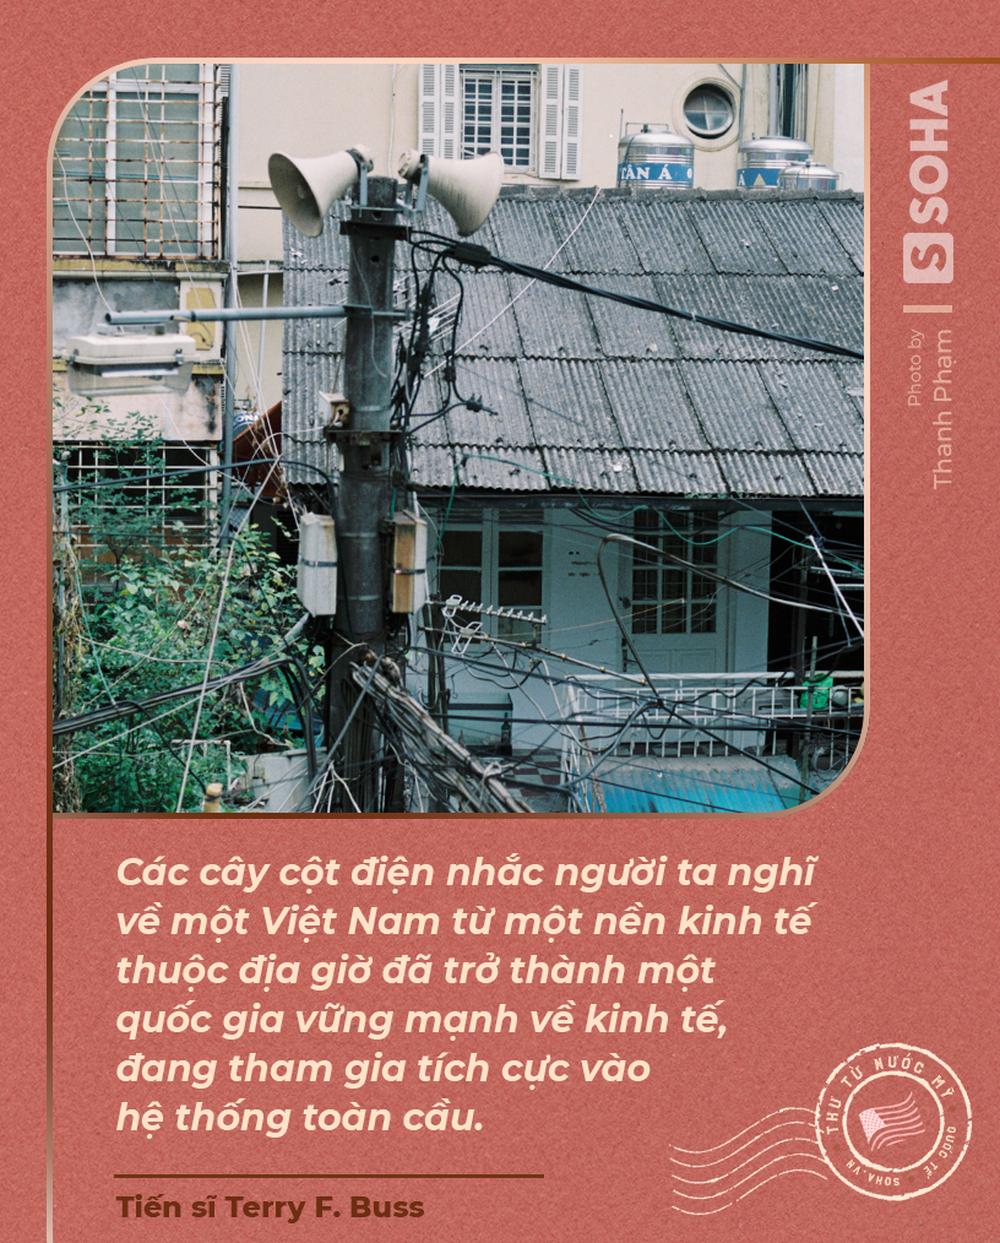 Trái tim tan chảy vì những tháp Eiffei mini giữa lòng phố Việt và cách người Hà Nội cổ đi trước thời đại cả nghìn năm - Ảnh 2.